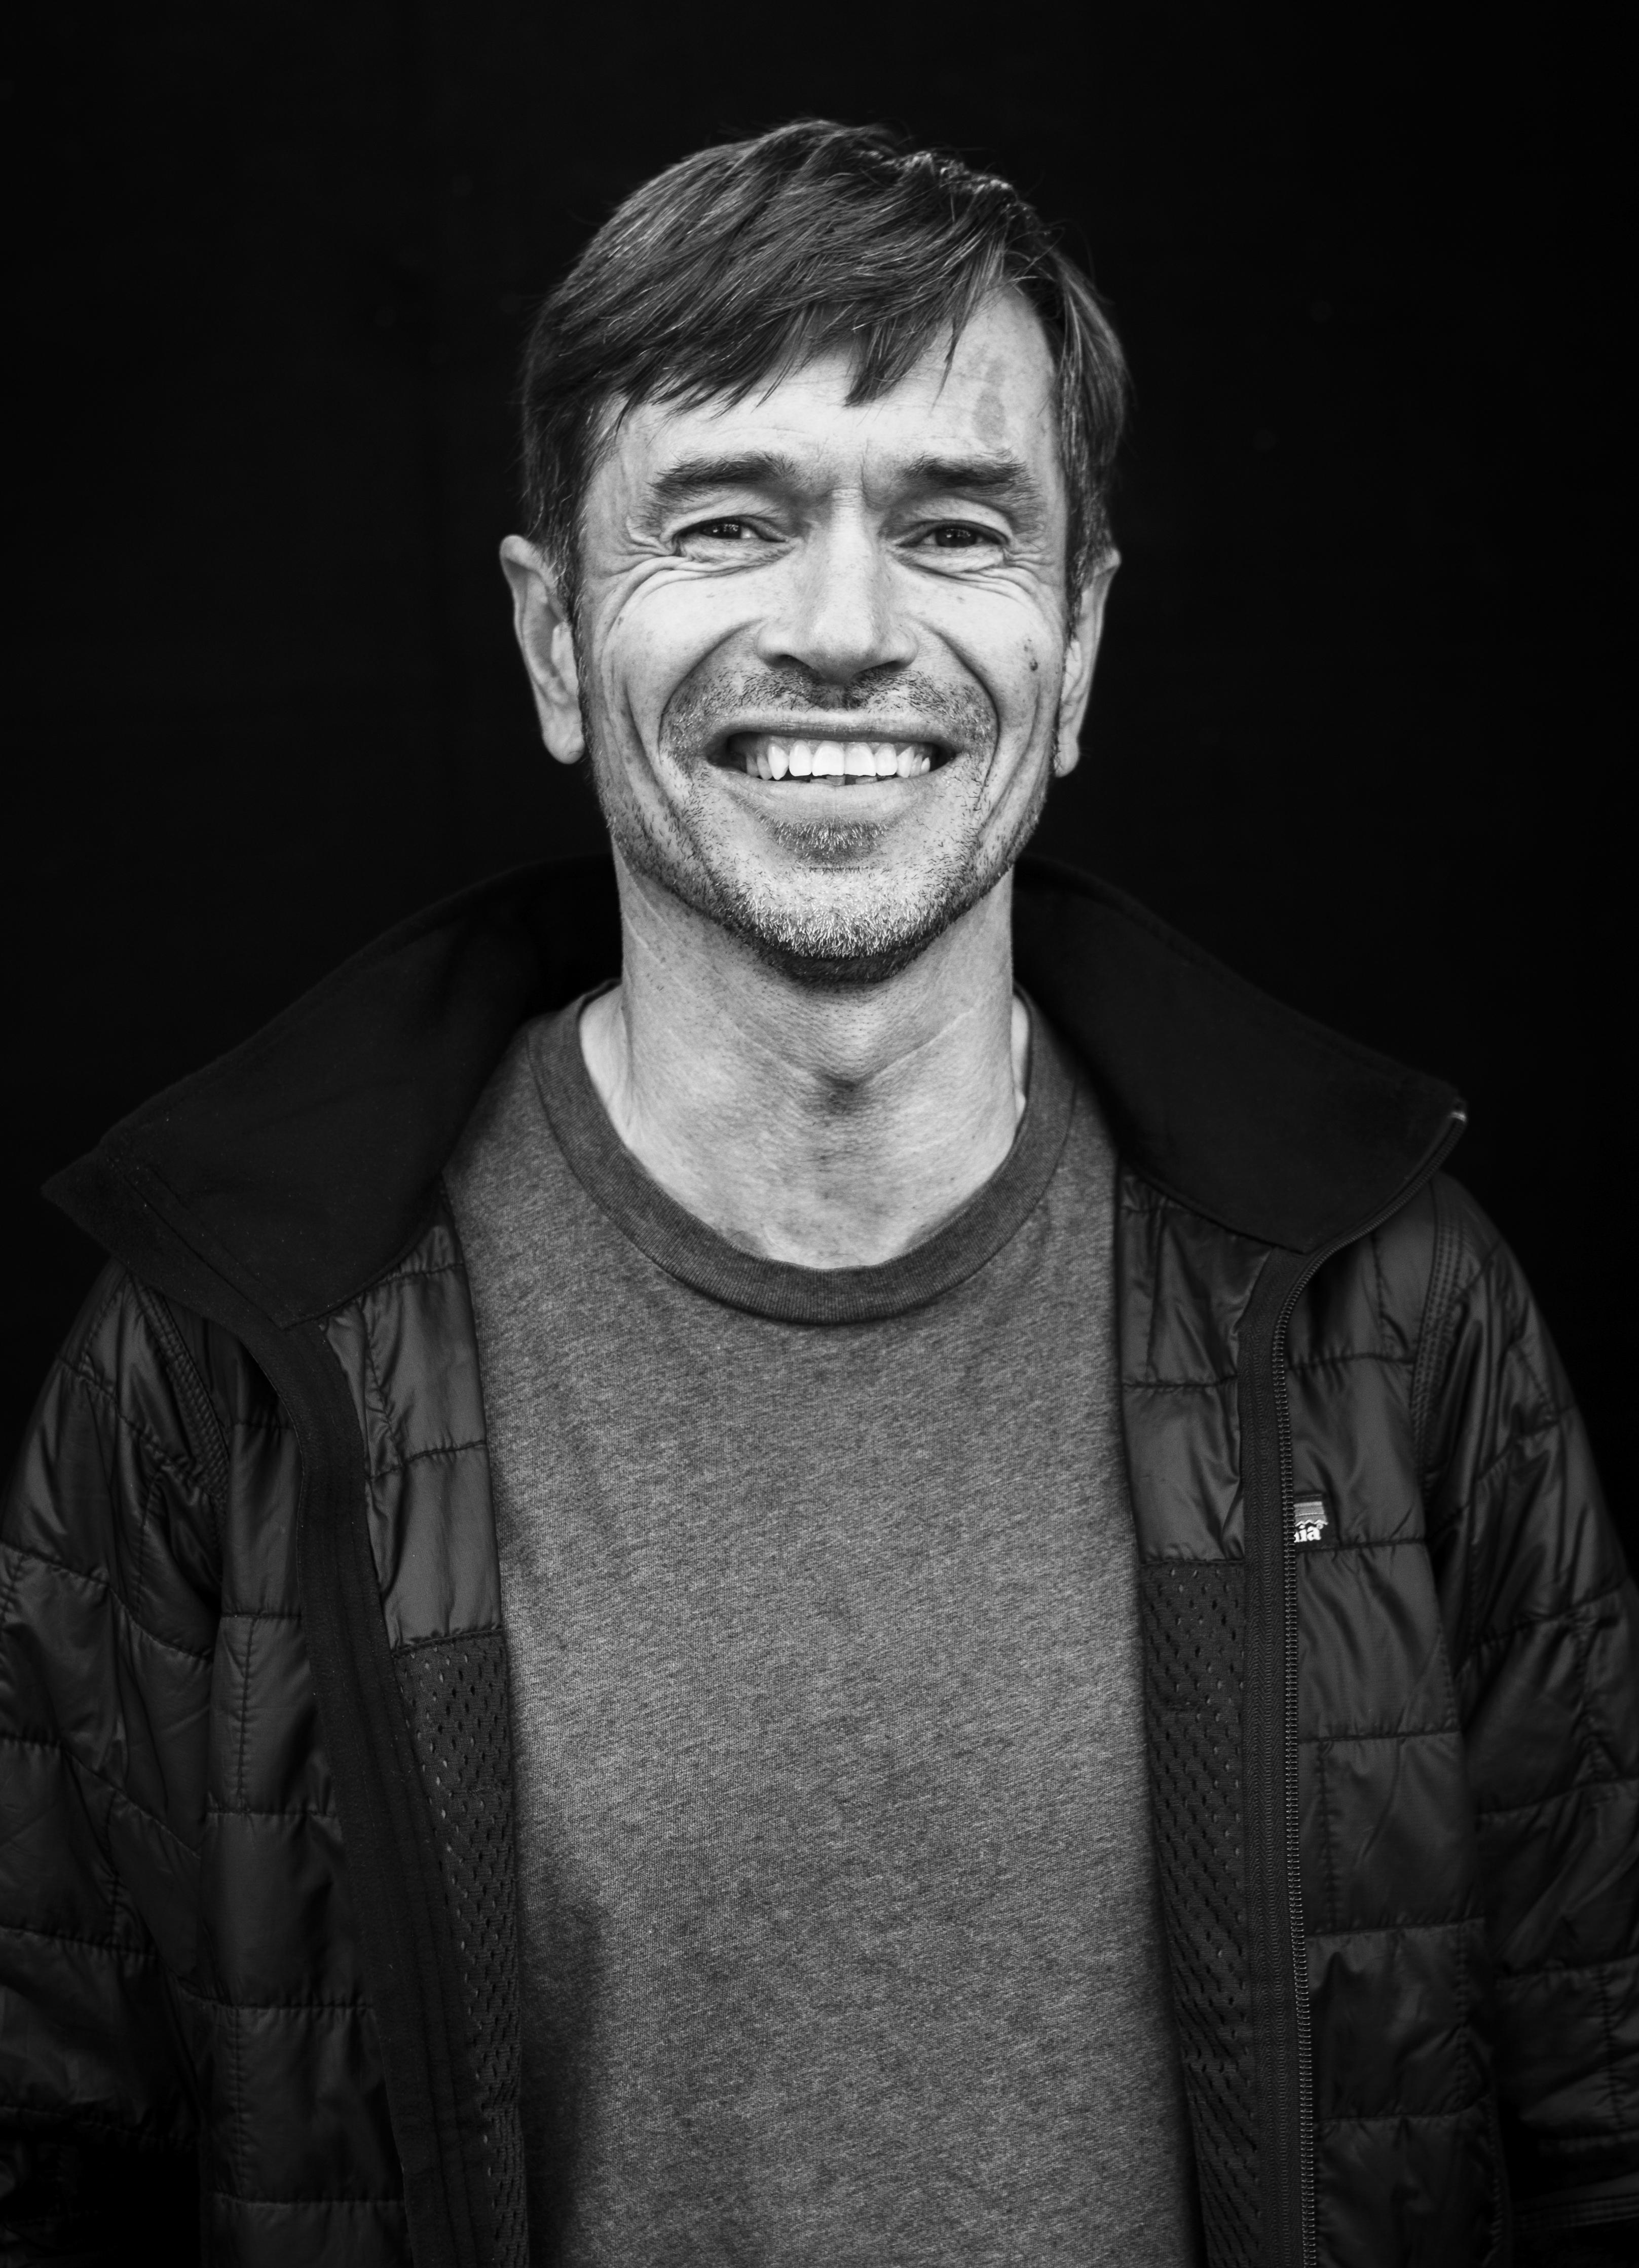 Foto: Kjell Ruben